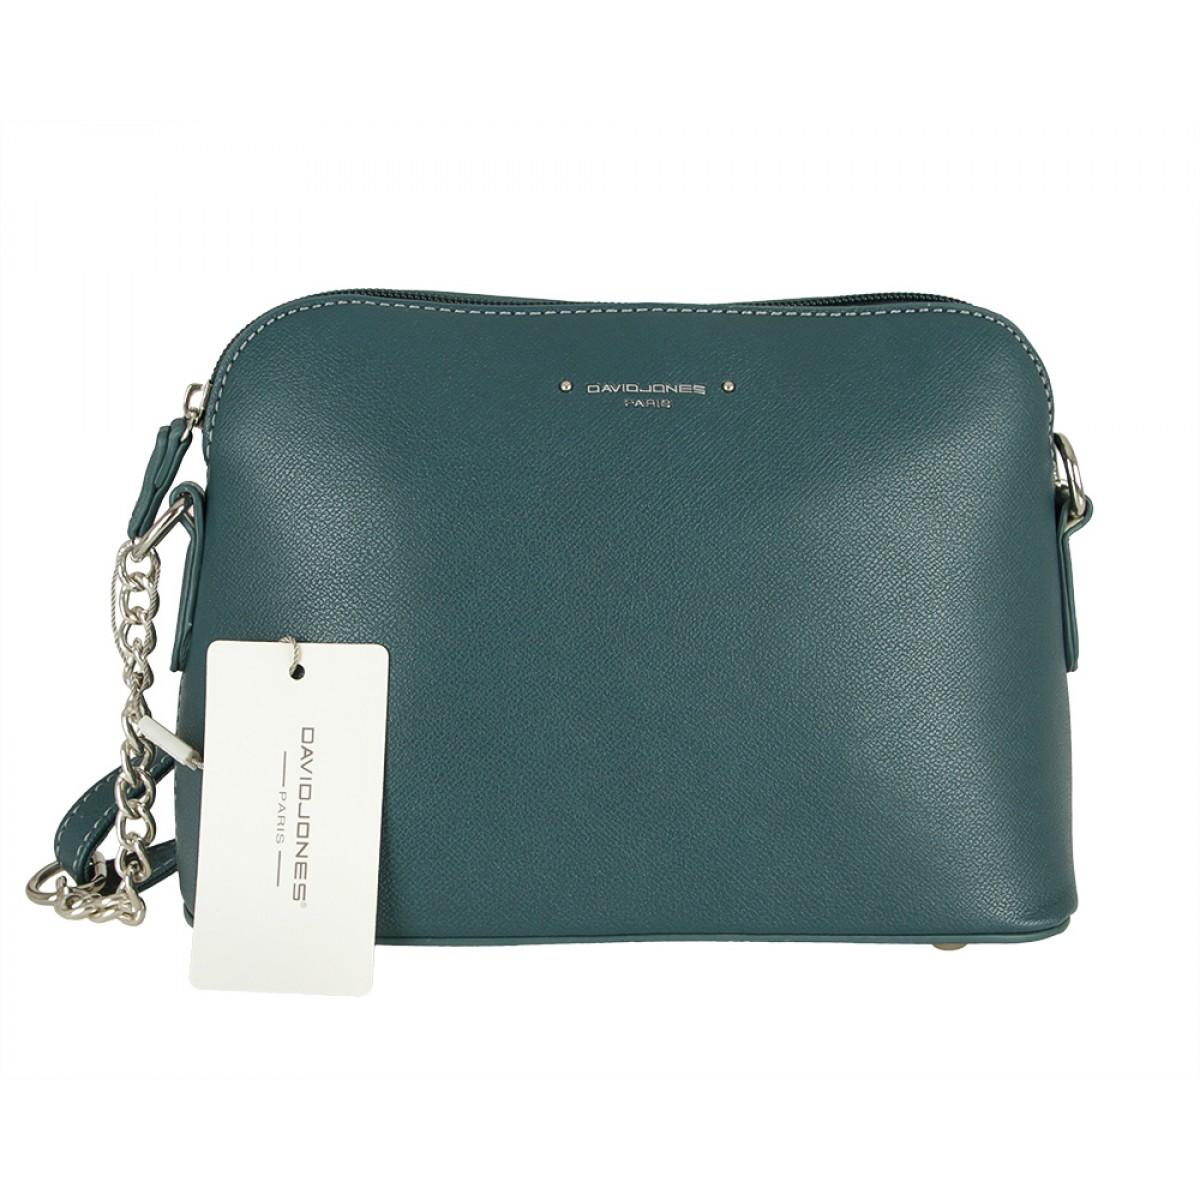 Жіноча сумка David Jones CM5396 D.GREEN